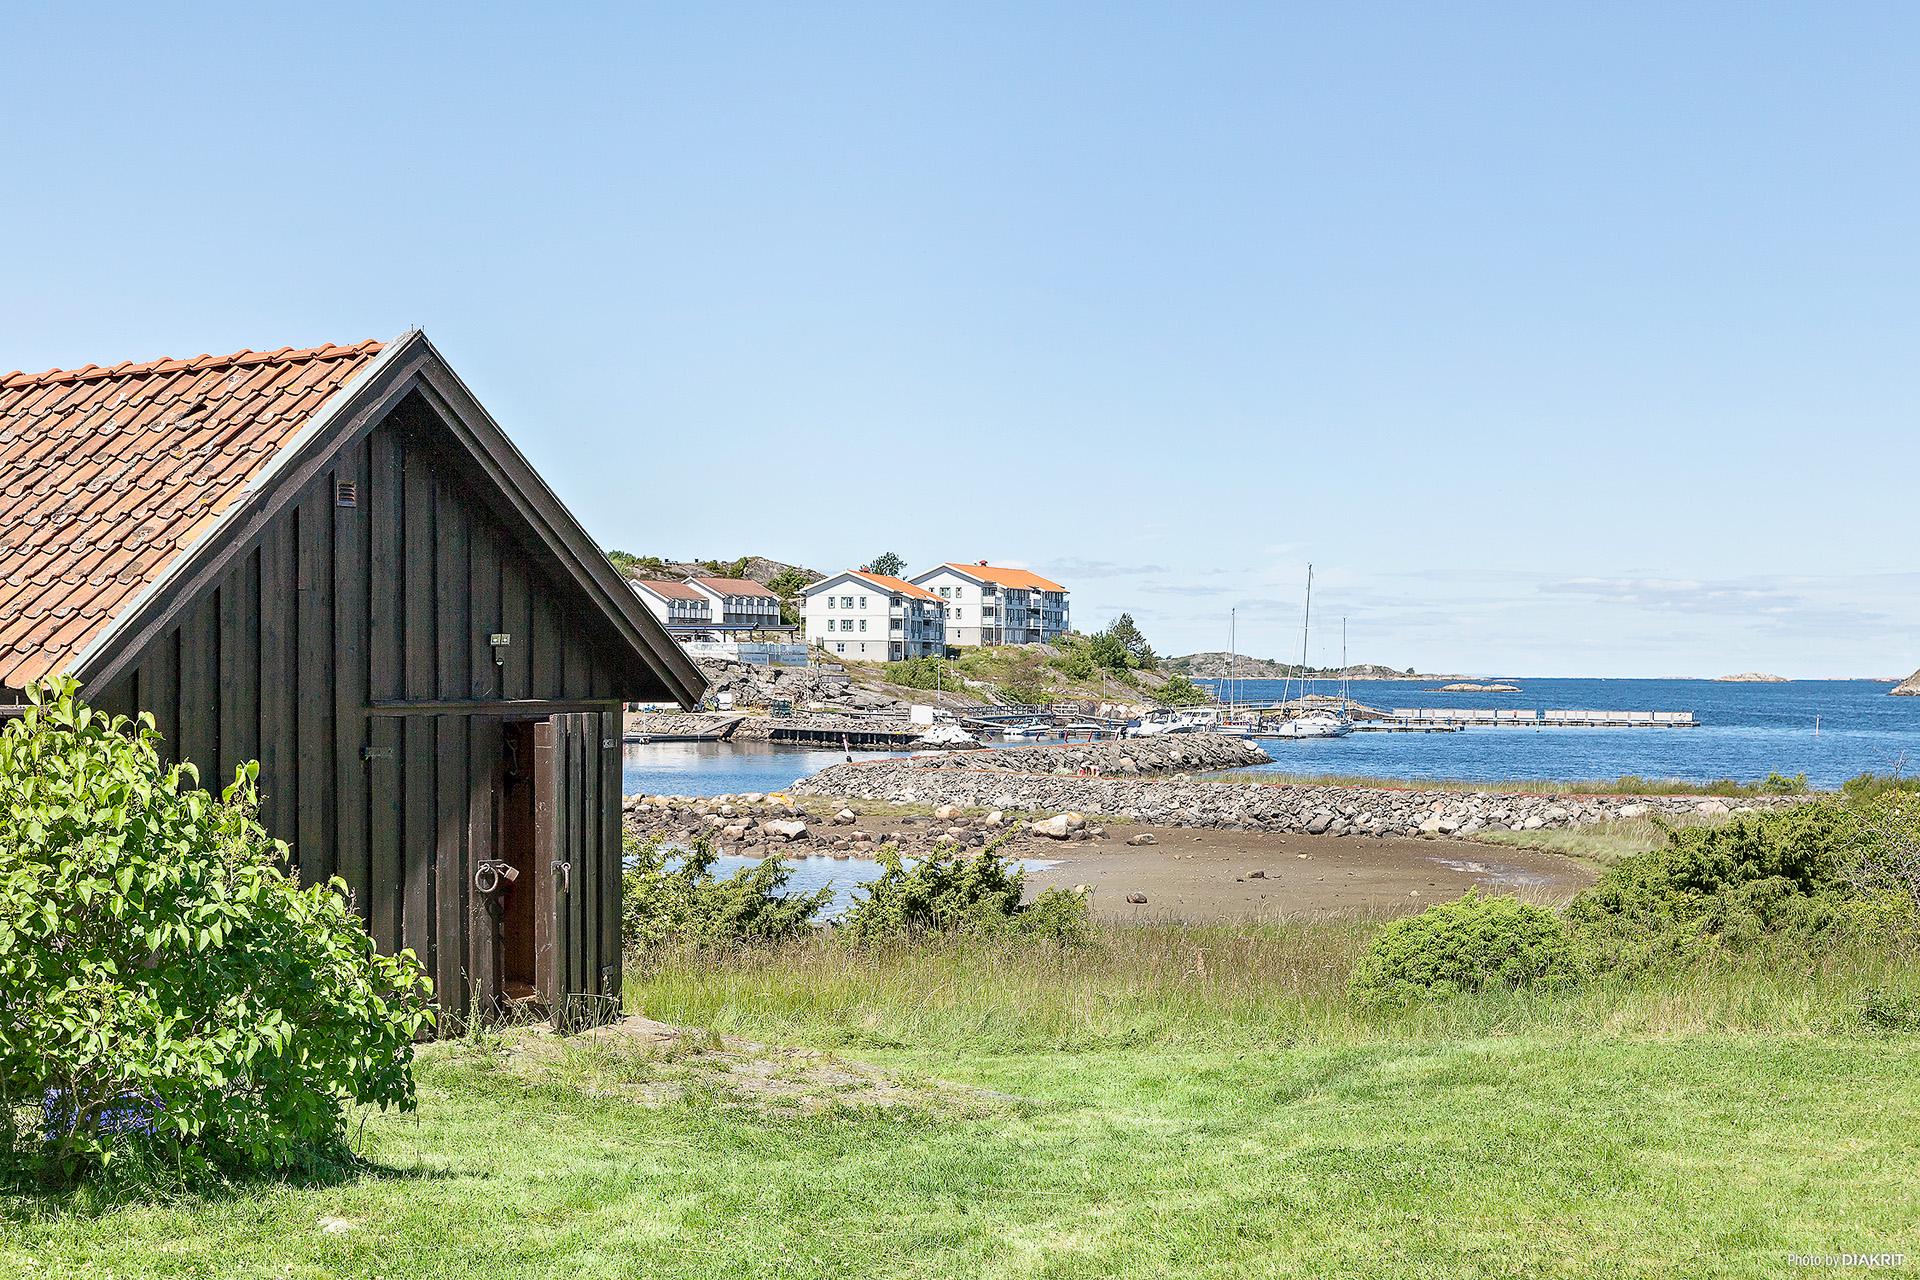 Baksidan av gästhuset som är ett förråd för småbåtar, trädgårdsmaskiner och liknande.